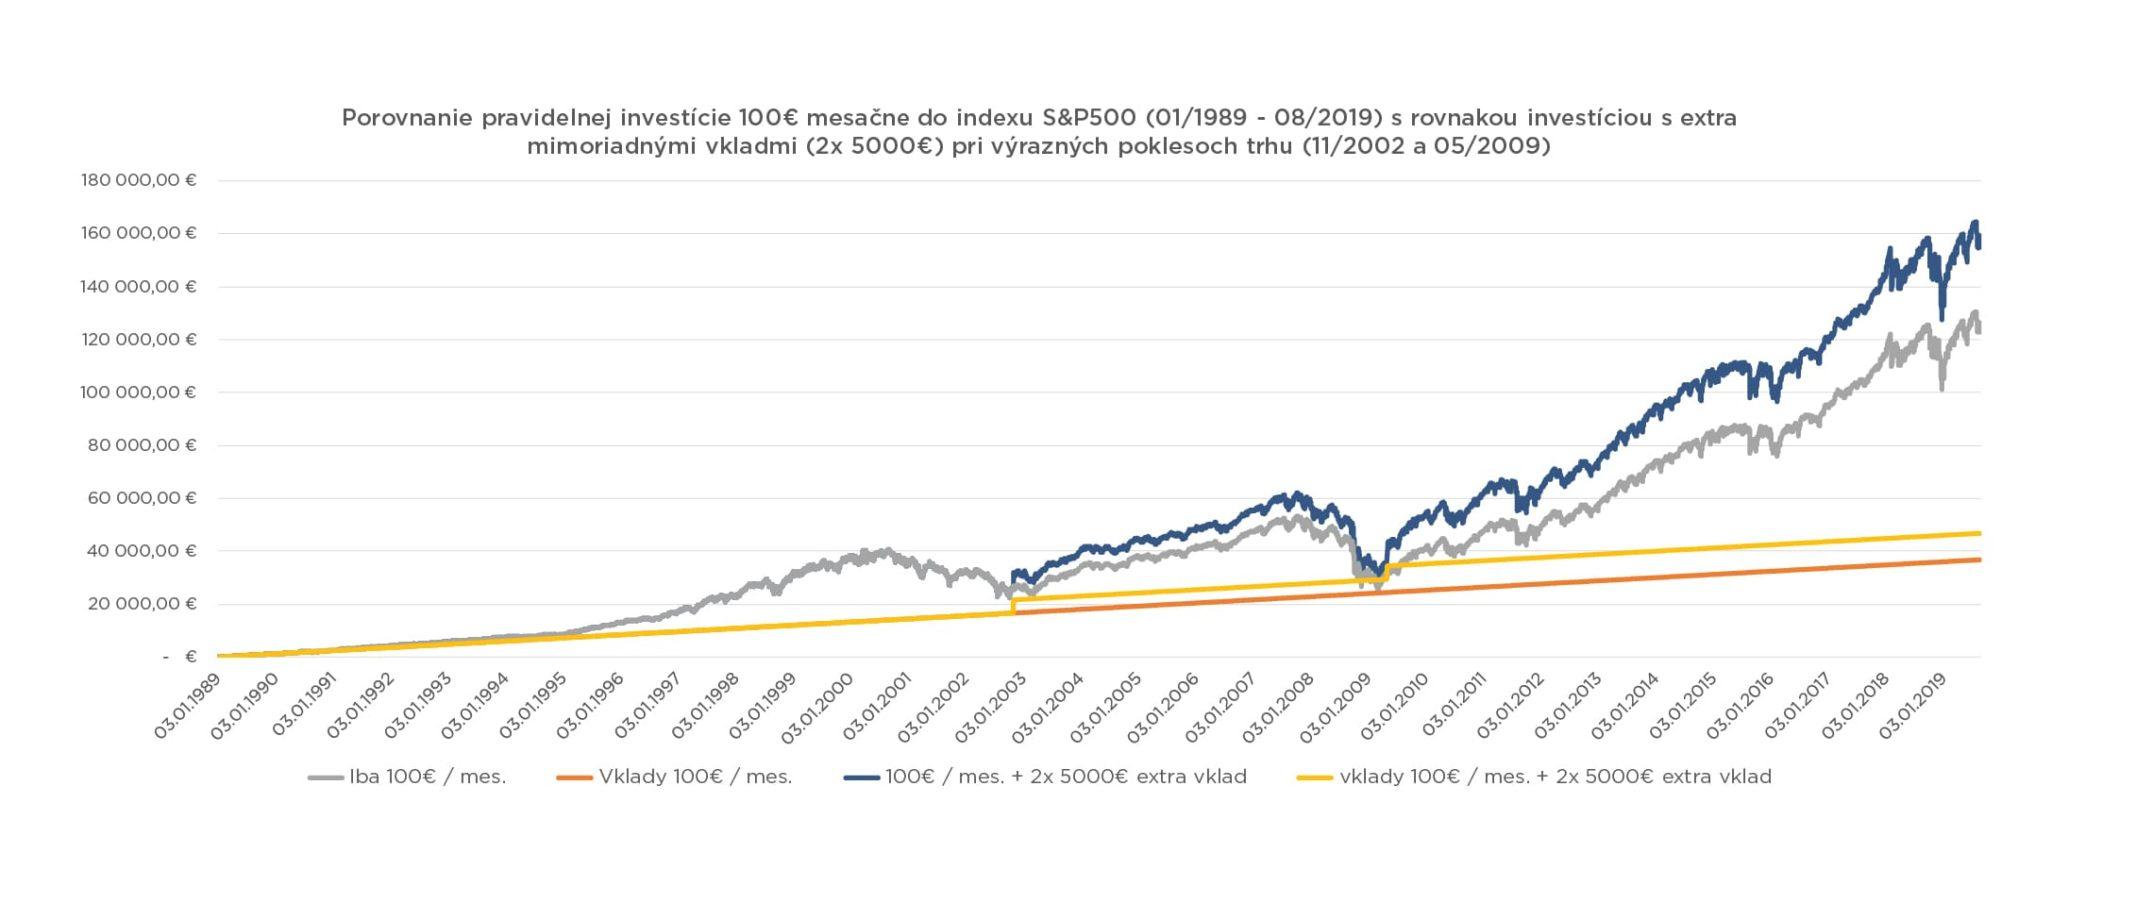 vyvoj pravidelnej investicie do indexu sp500 mimoriadne vklady Čo by ste mali vedieť o investovaní do podielových fondov